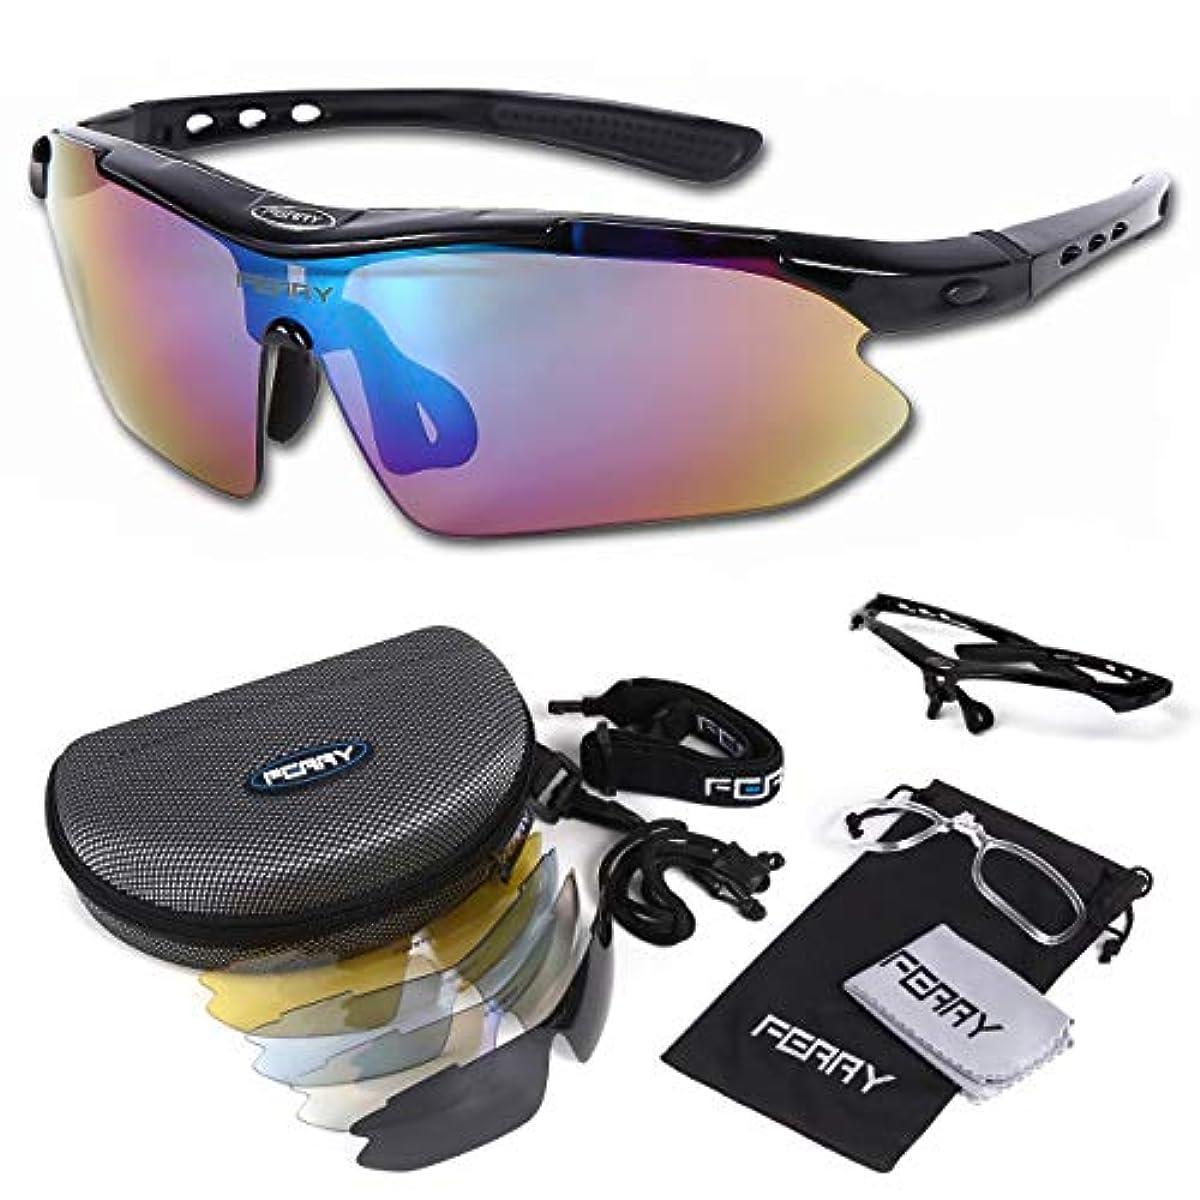 [해외] (페리) FERRY 편광 렌즈 스포츠 썬글라스 풀 세트 전용 교환 렌즈5매 유니 7컬러